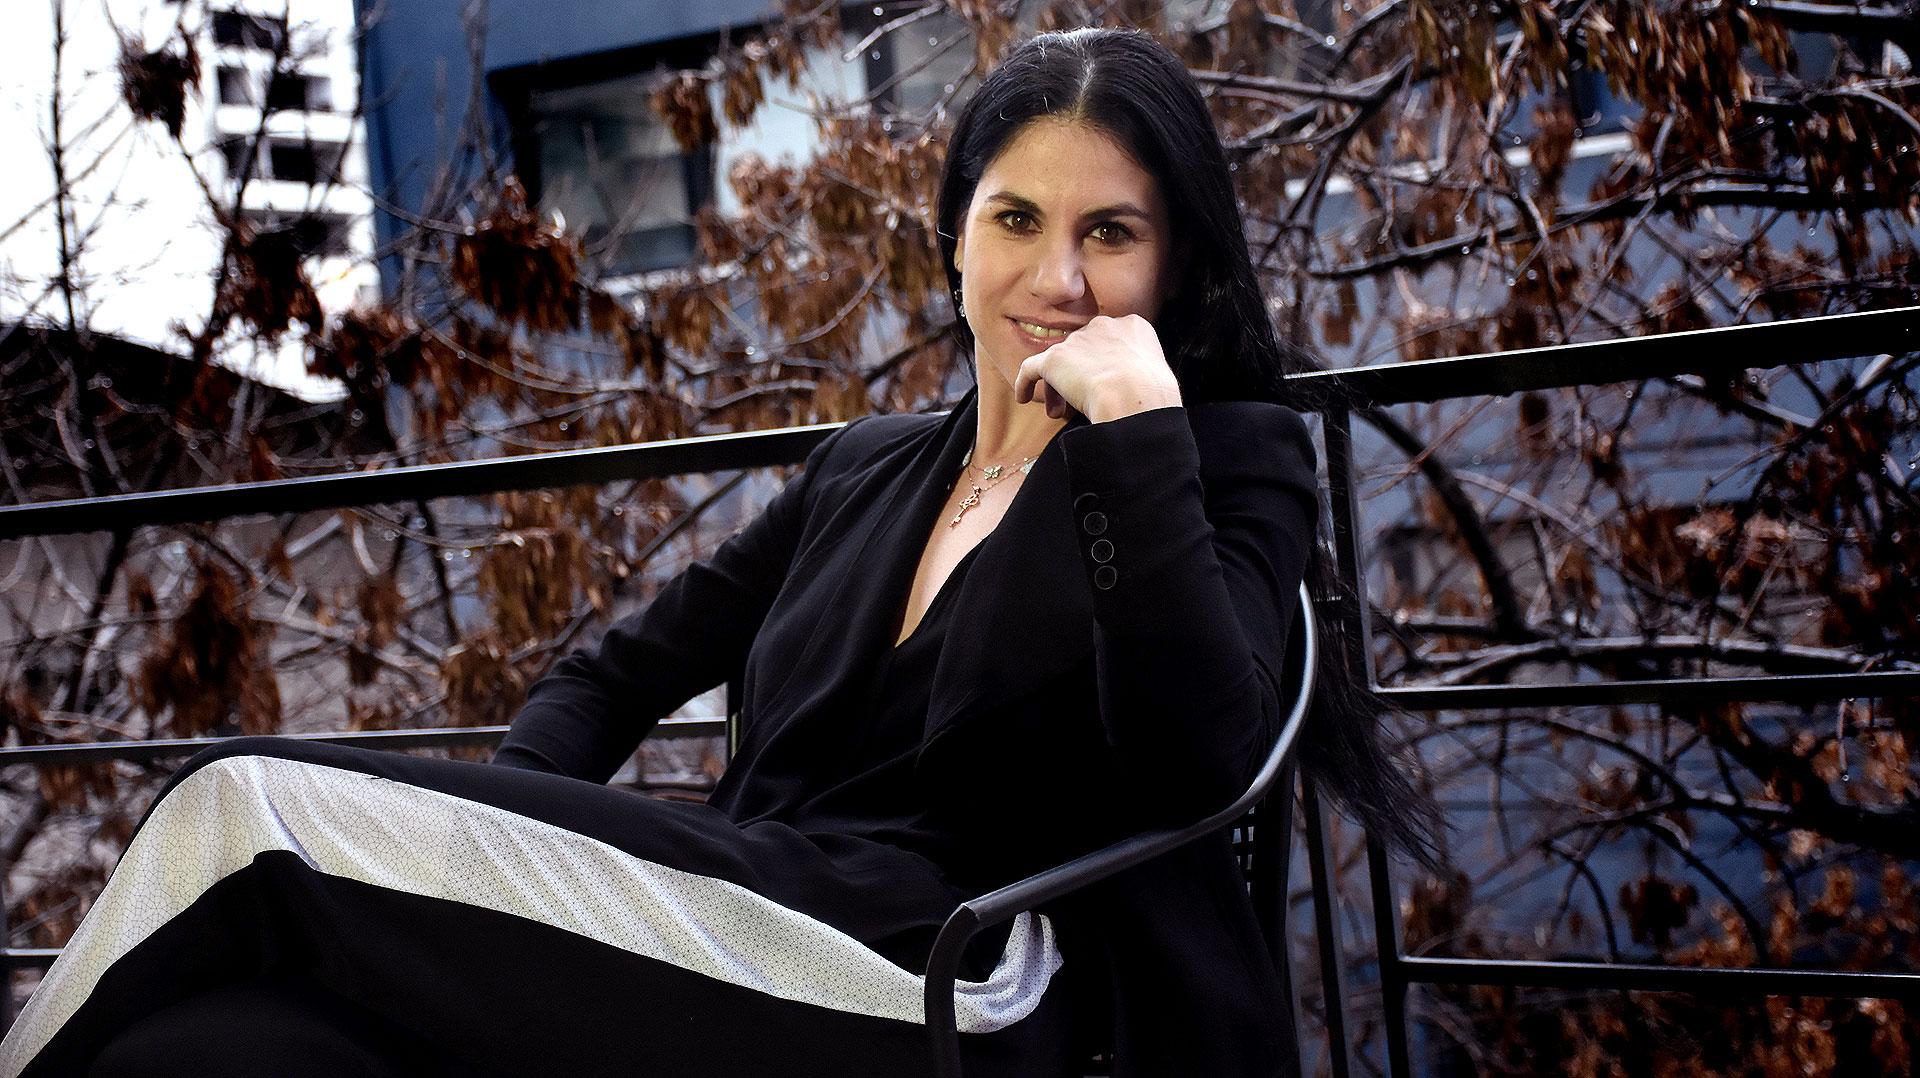 Paloma Herrera dijo adiós a los escenarios en noviembre del 2015 (Nicolás Stulberg)